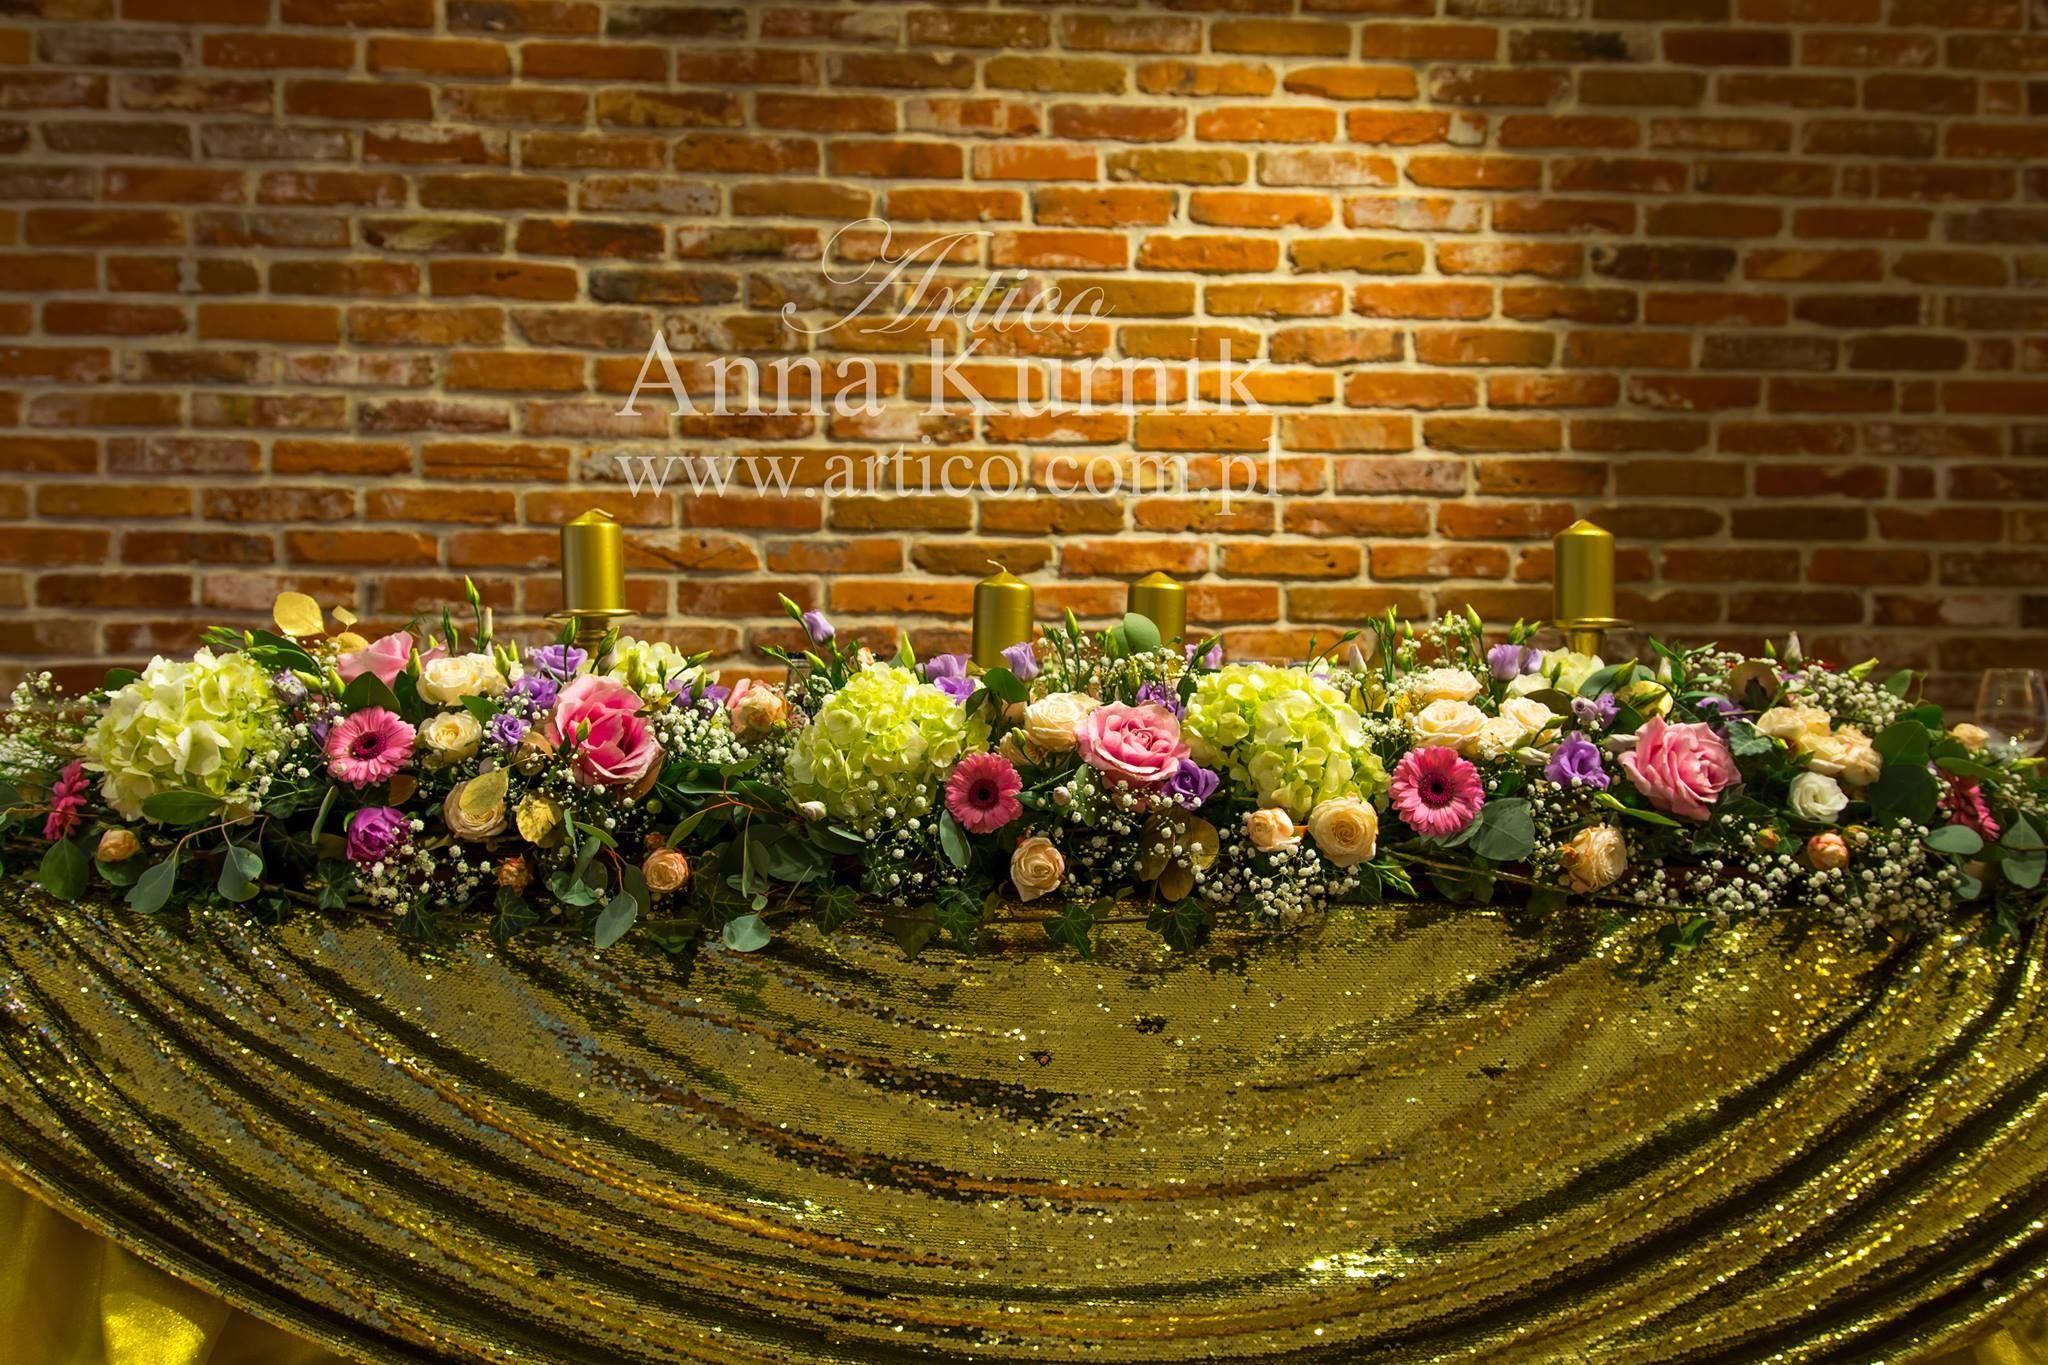 Stol Panstwa Mlodych Musi Byc Zjawiskowy Motywem Przewodnim Bylo Zloto Stol Panstwomlodzi Kwiaty Obrus Zloty Wedding Decorations Wedding Decor